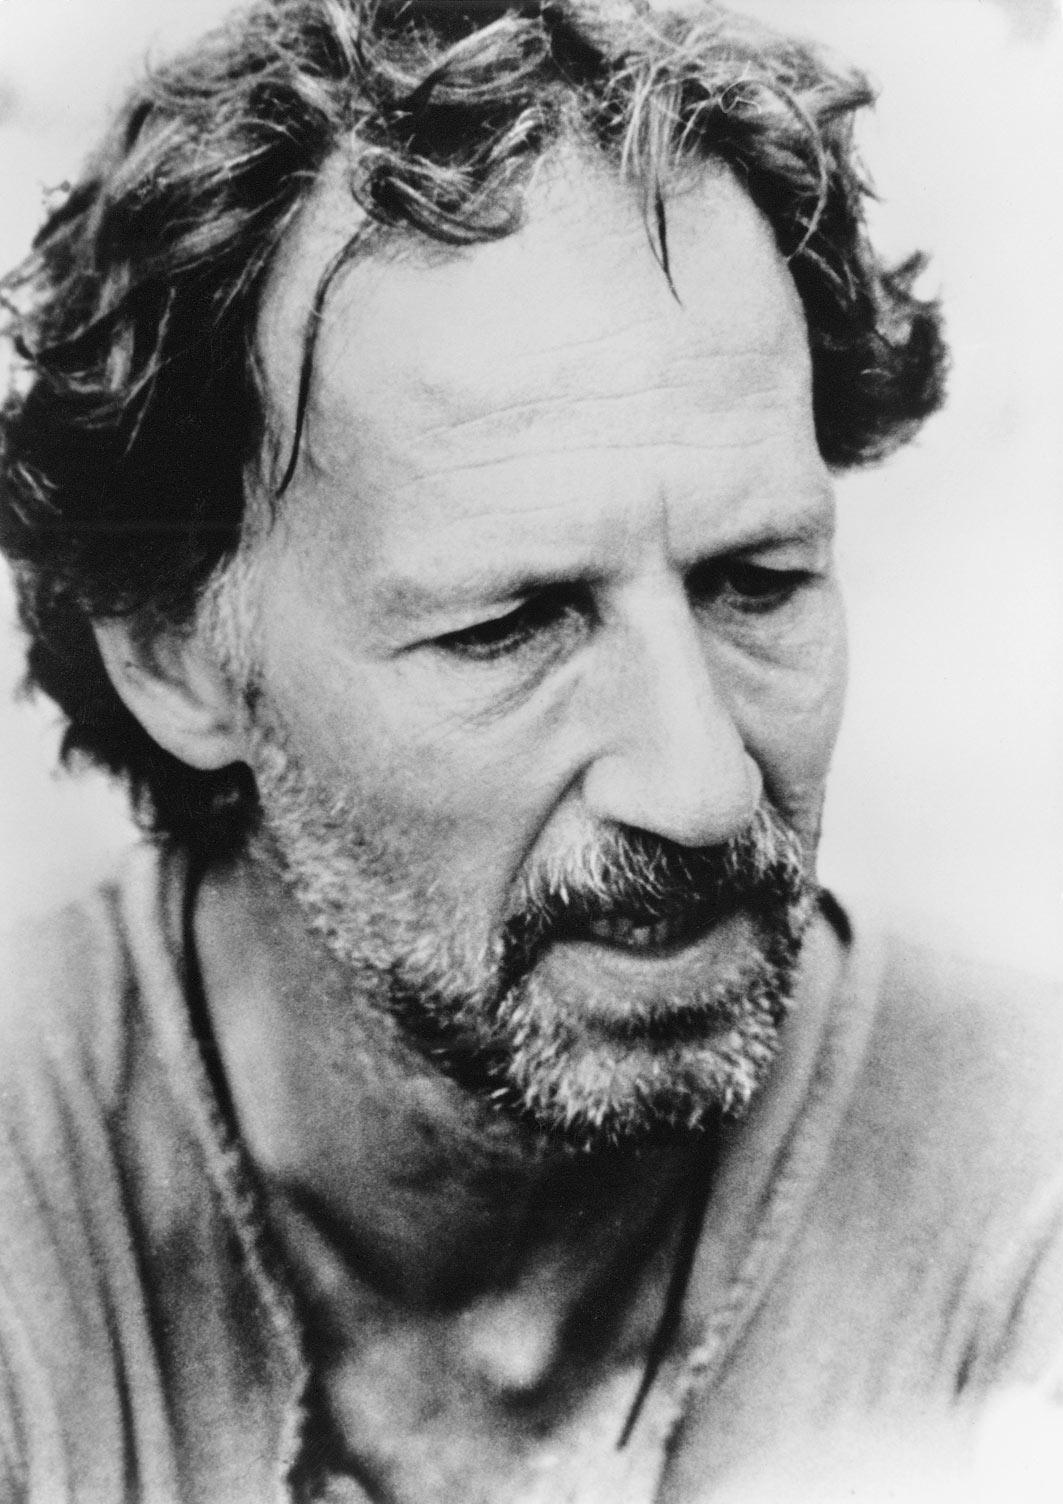 photo 02  Werner Herzog Young Werner Herzog